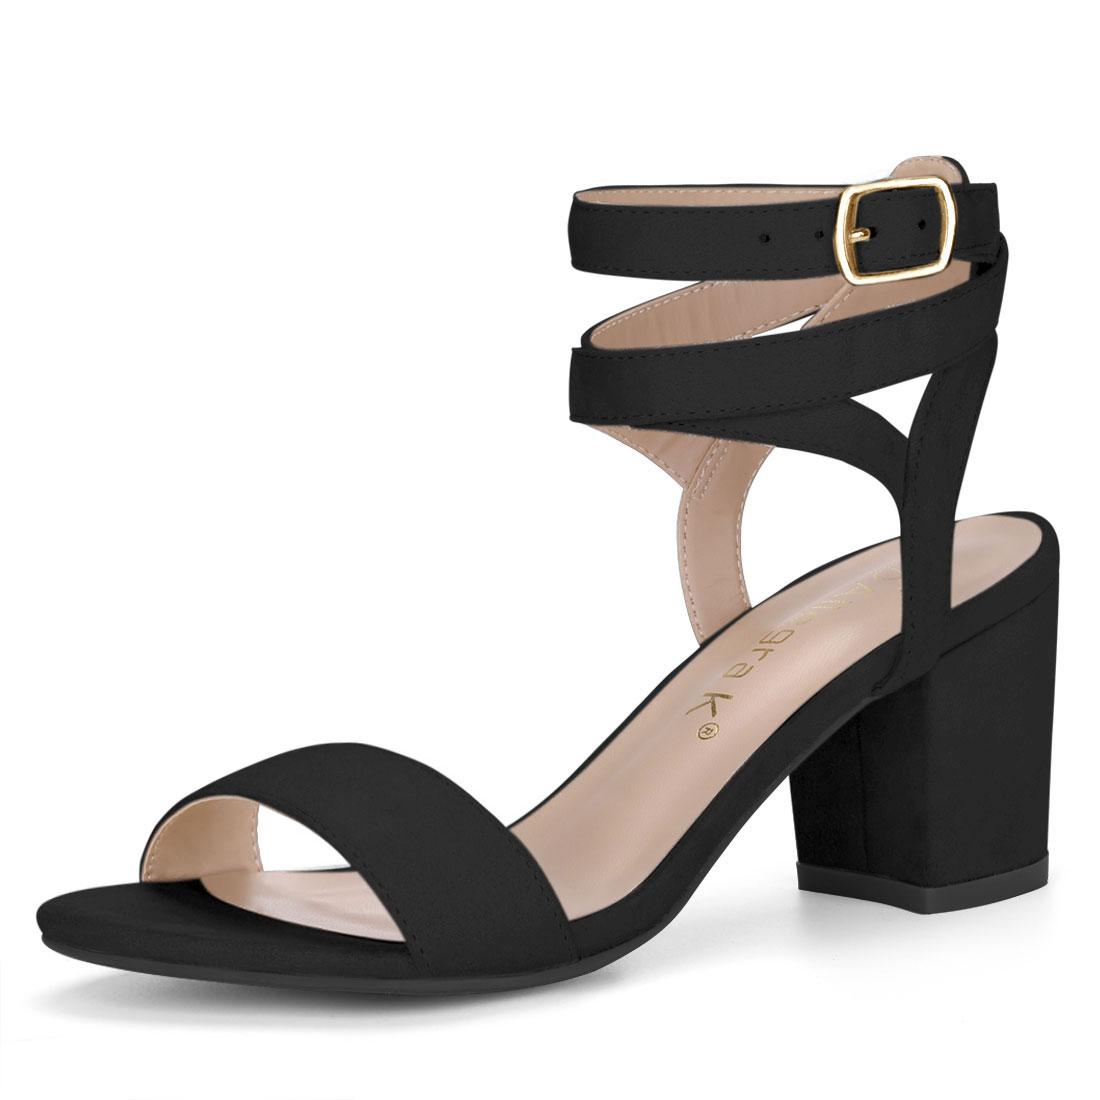 Allegra K Women's Block Heels Double Ankle Straps Sandals BlackUS 9